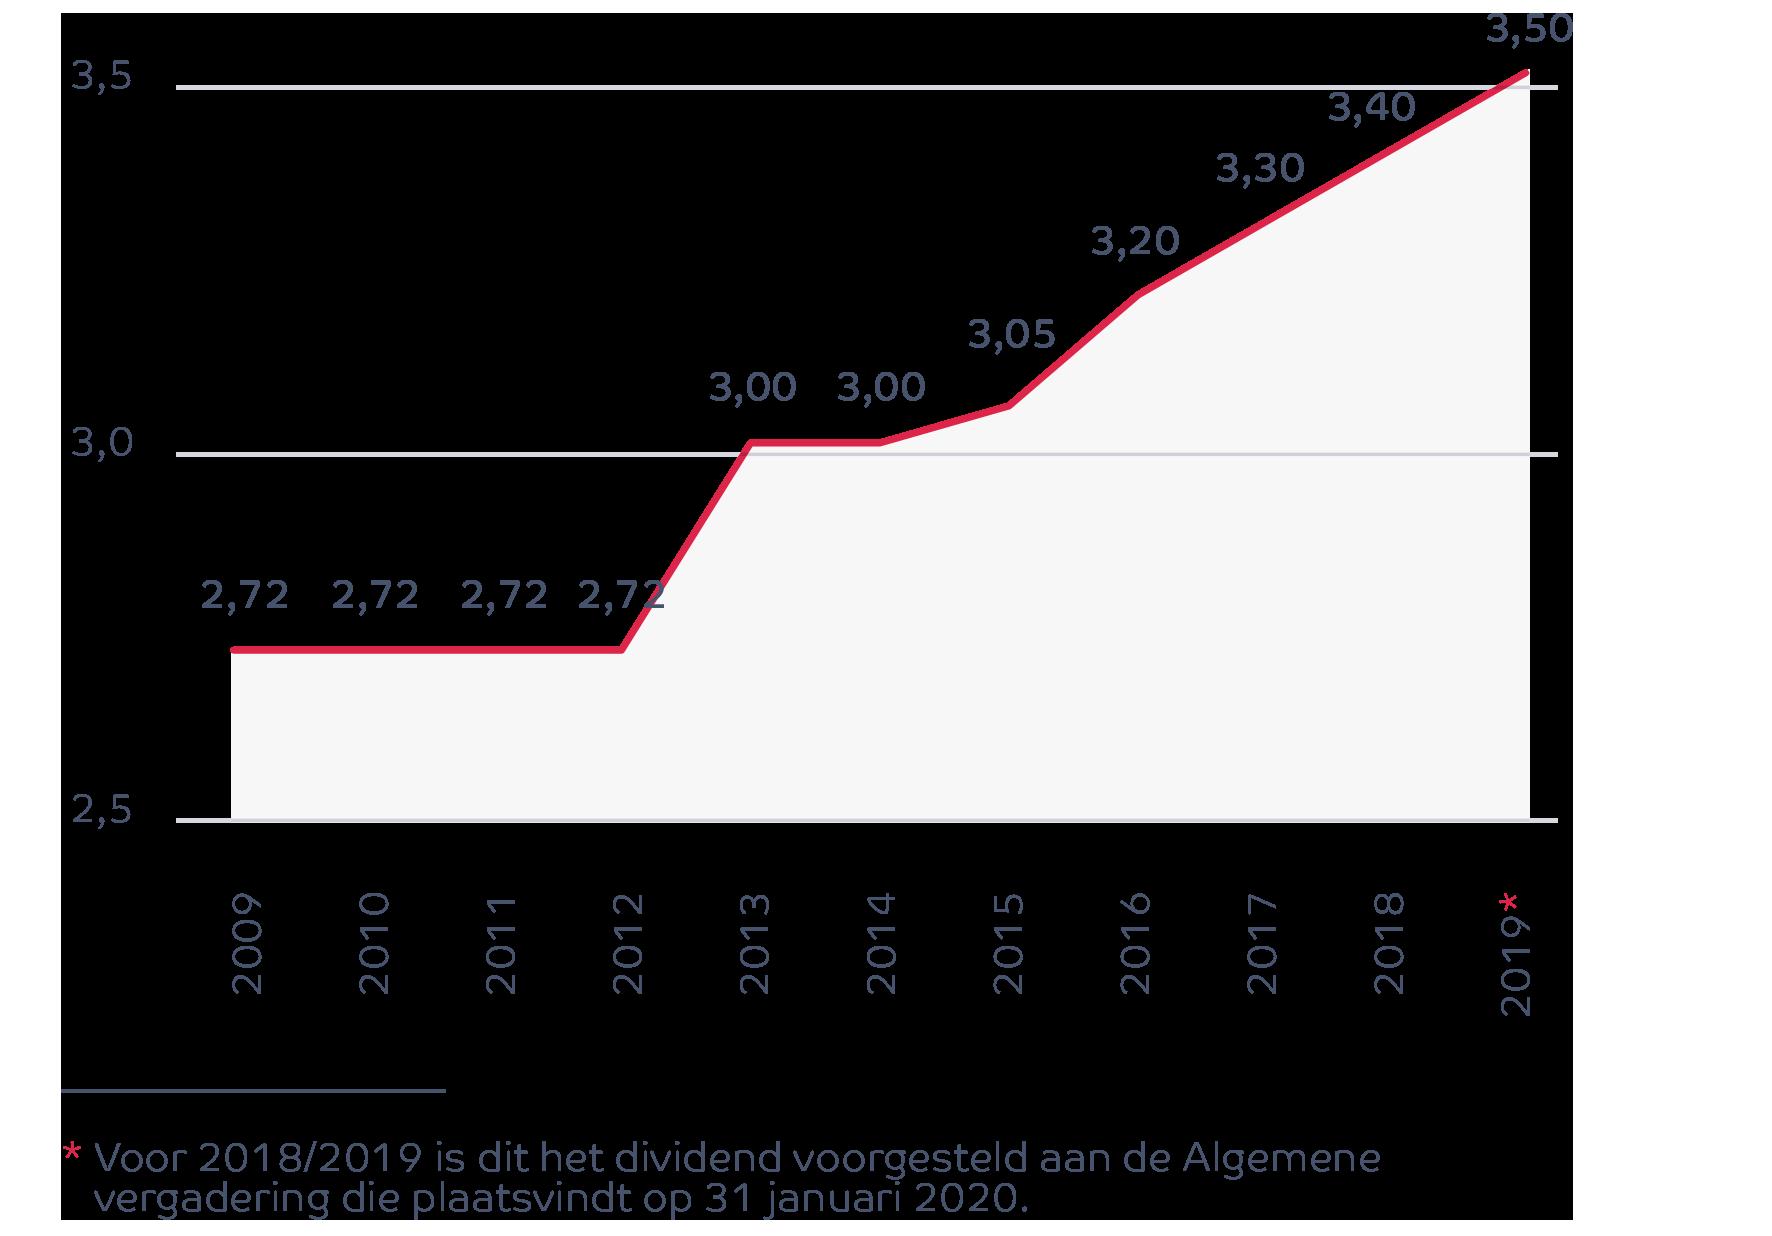 Toename van het brutodividend per aandeel